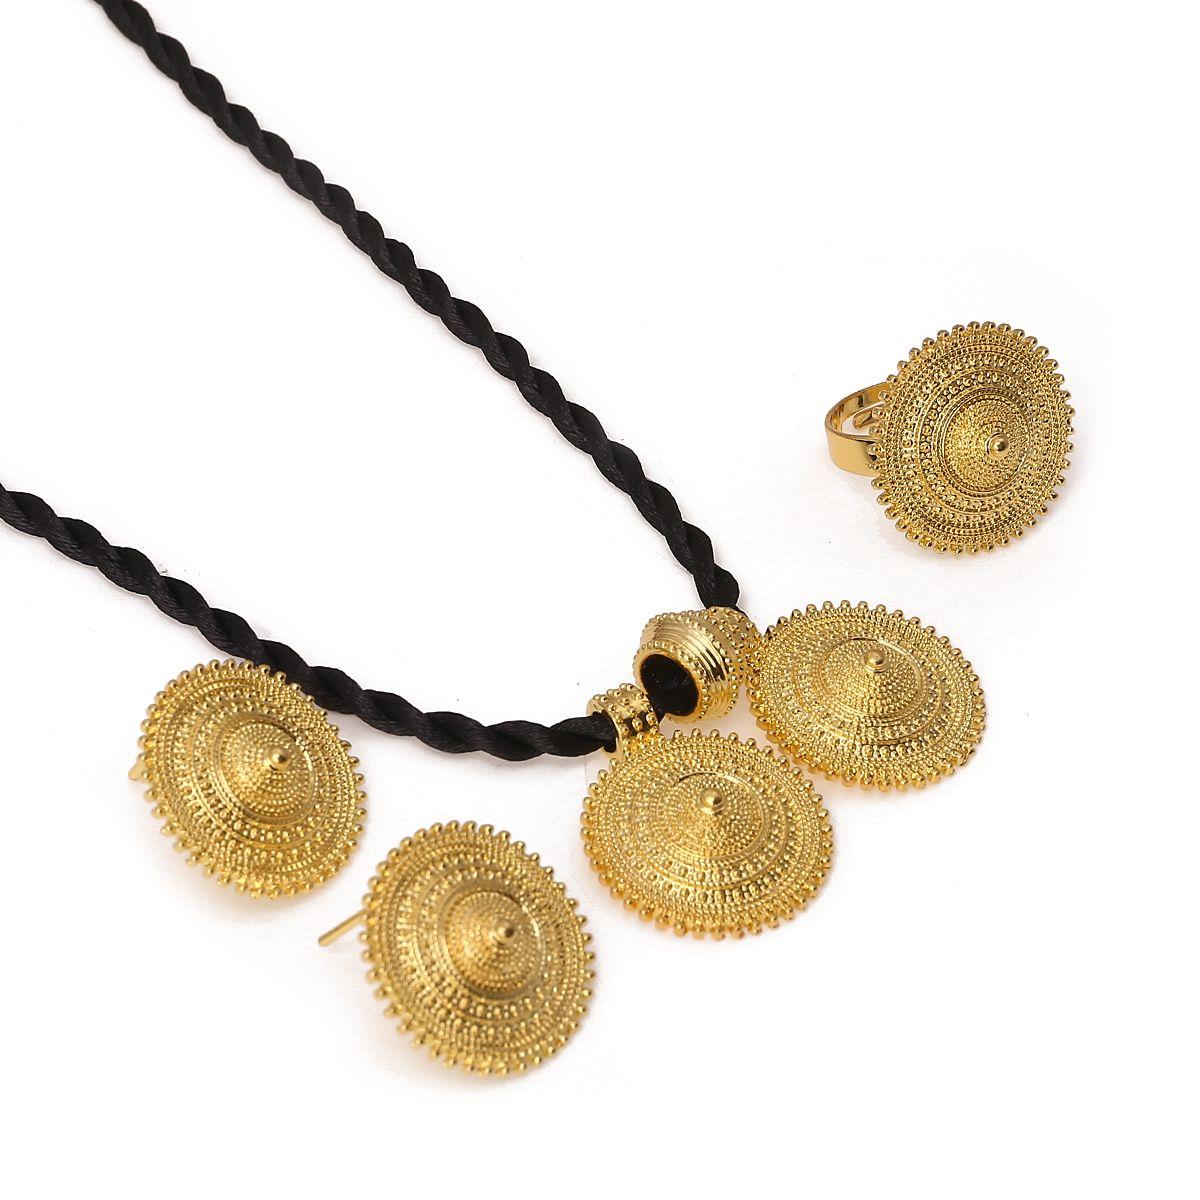 에티오피아 골드 컬러 목걸이 펜던트 귀걸이 반지 Habesha 결혼식 에리트레아 아프리카 아랍 선물